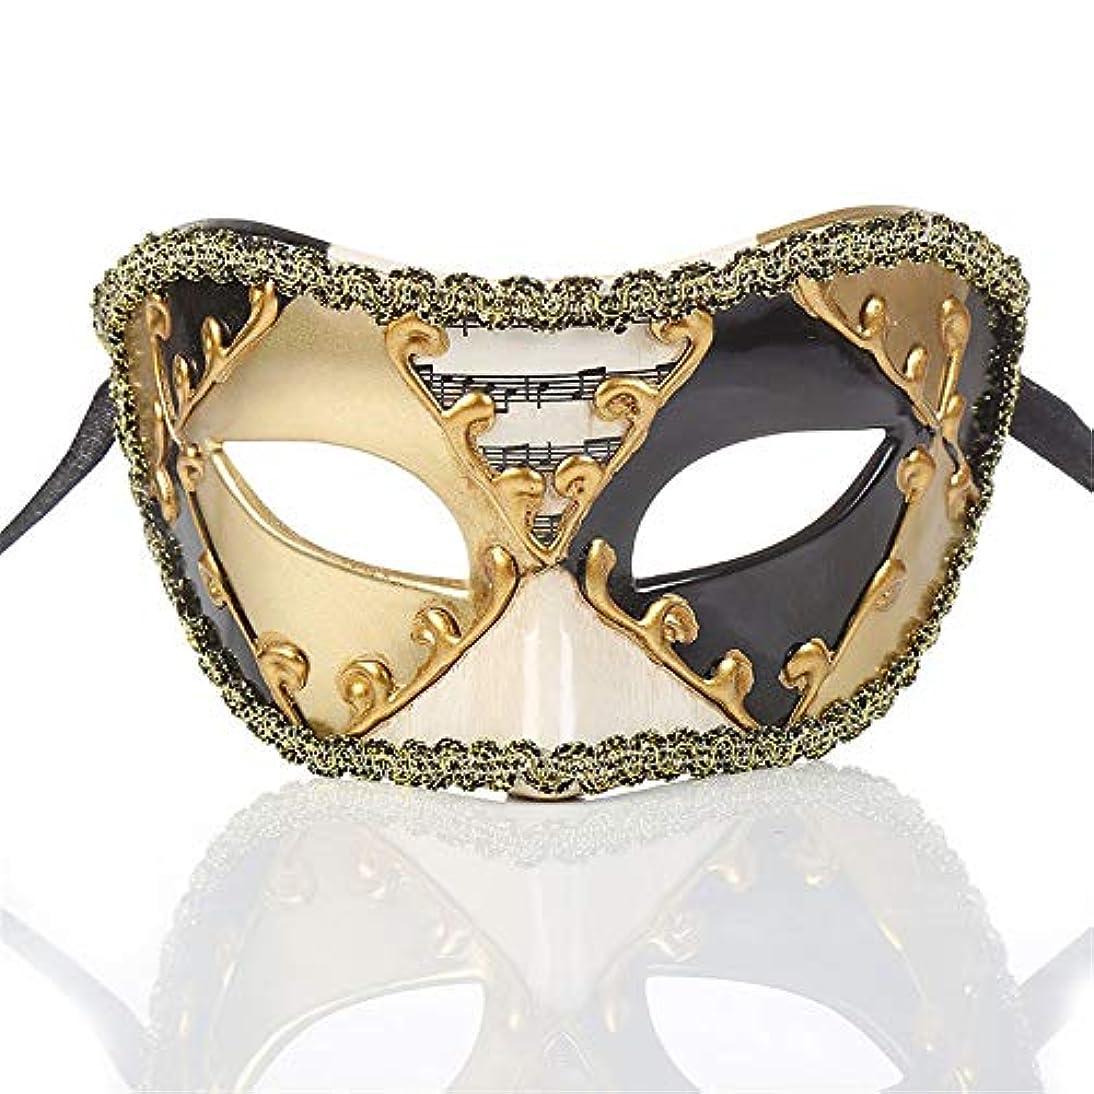 鳩憤る悪性ダンスマスク ヴィンテージクラシックハーフフェイスクラウンミュージカルノート装飾マスクフェスティバルロールプレイングプラスチックマスク ホリデーパーティー用品 (色 : ブラック, サイズ : 16.5x8cm)